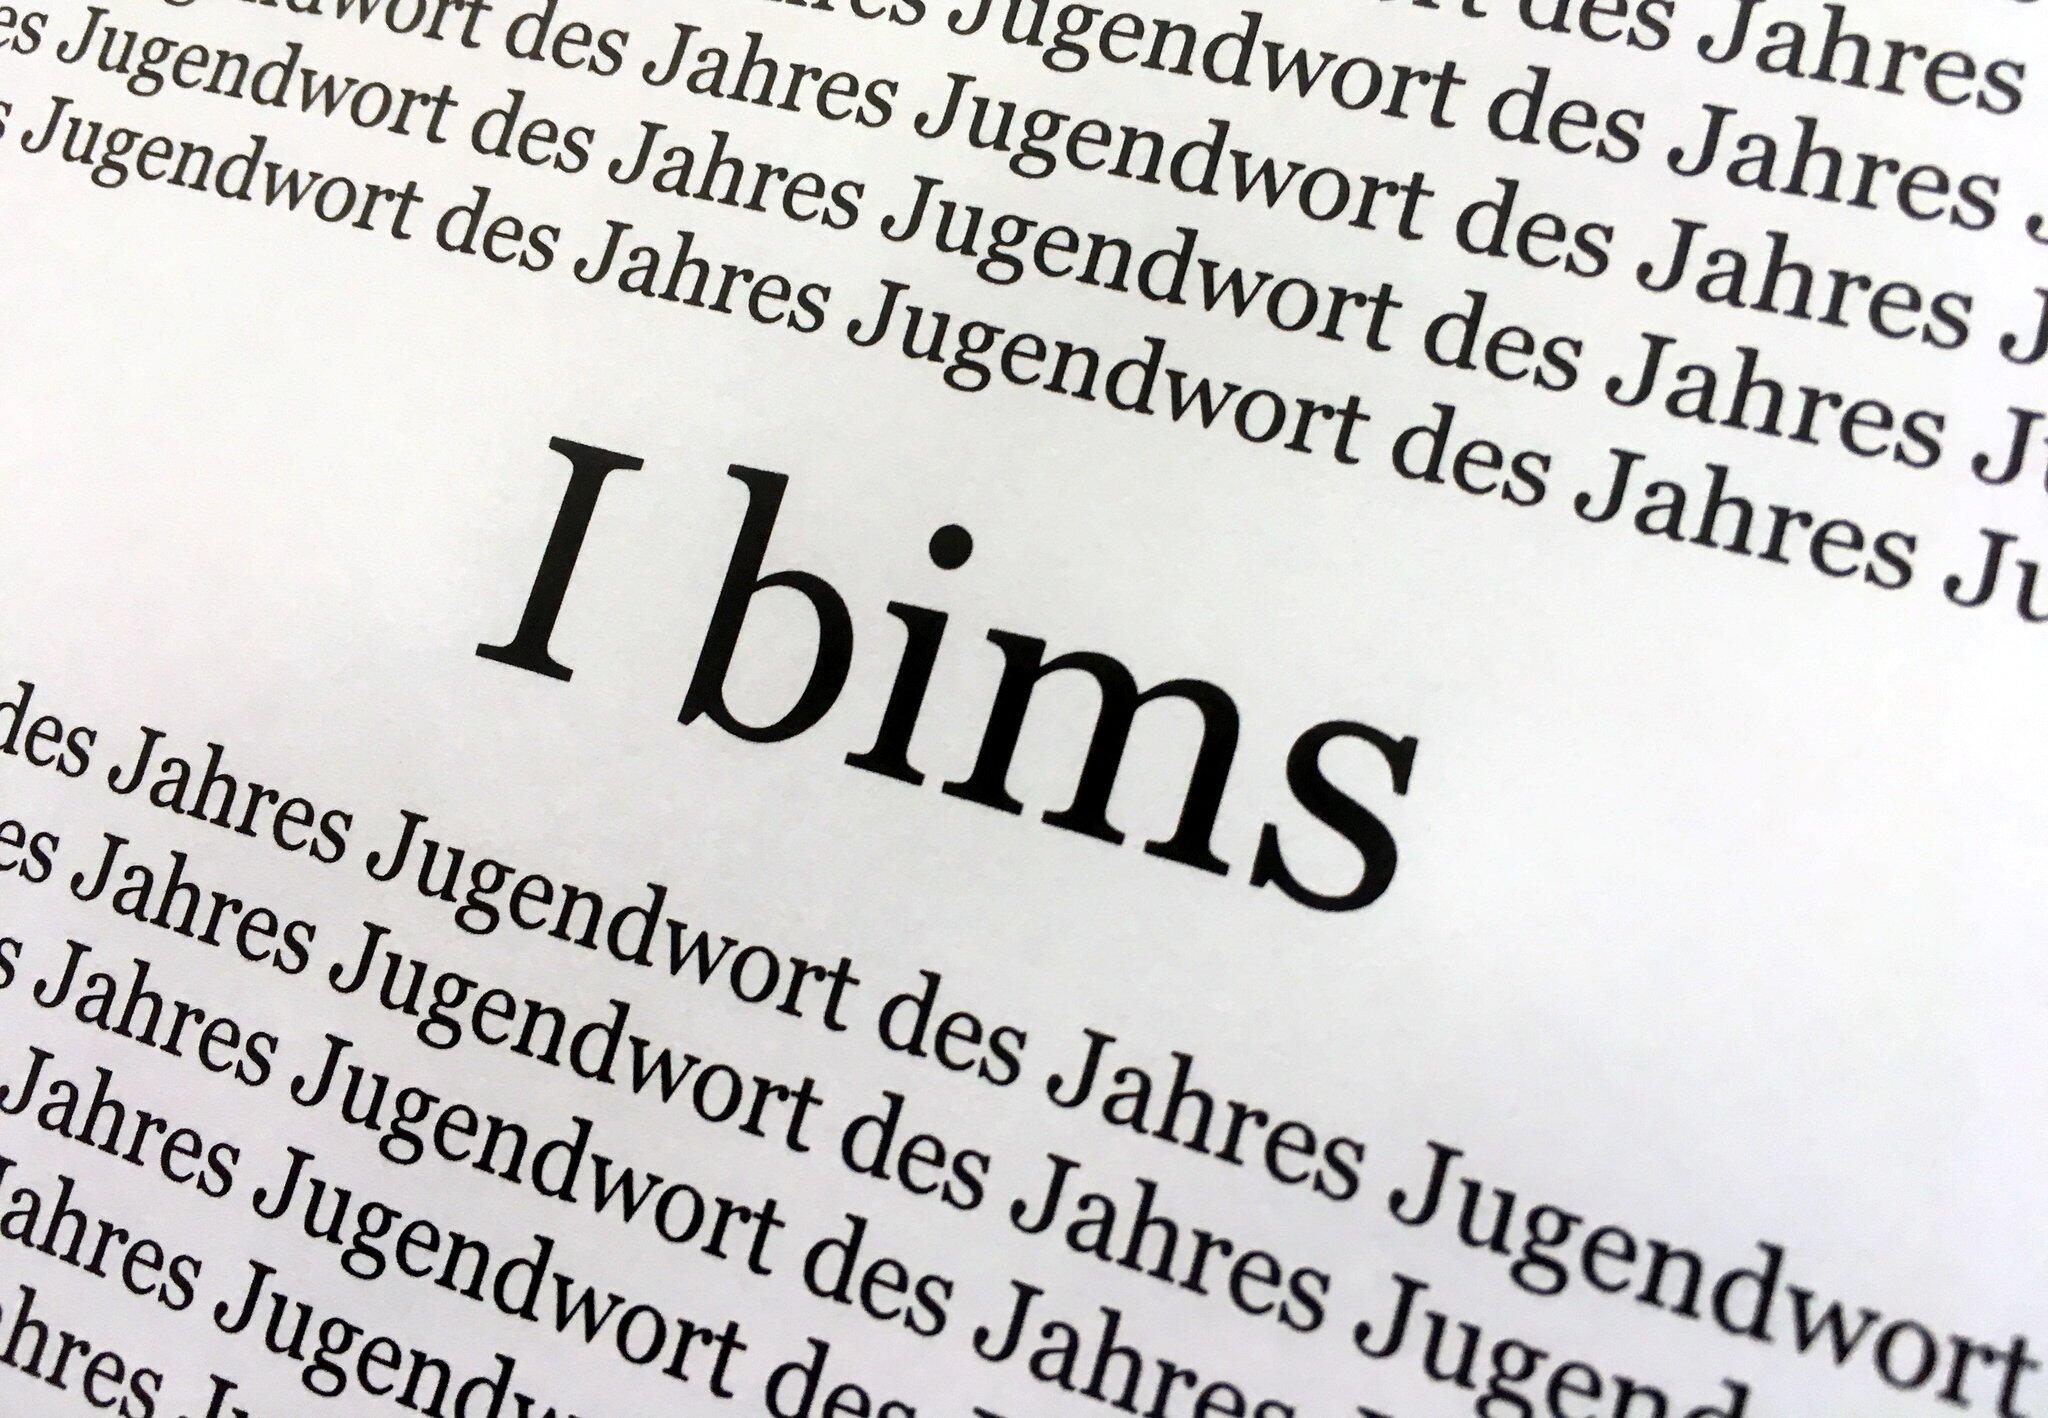 """Bild zu """"I bims"""" ist """"Jugendwort des Jahres"""""""